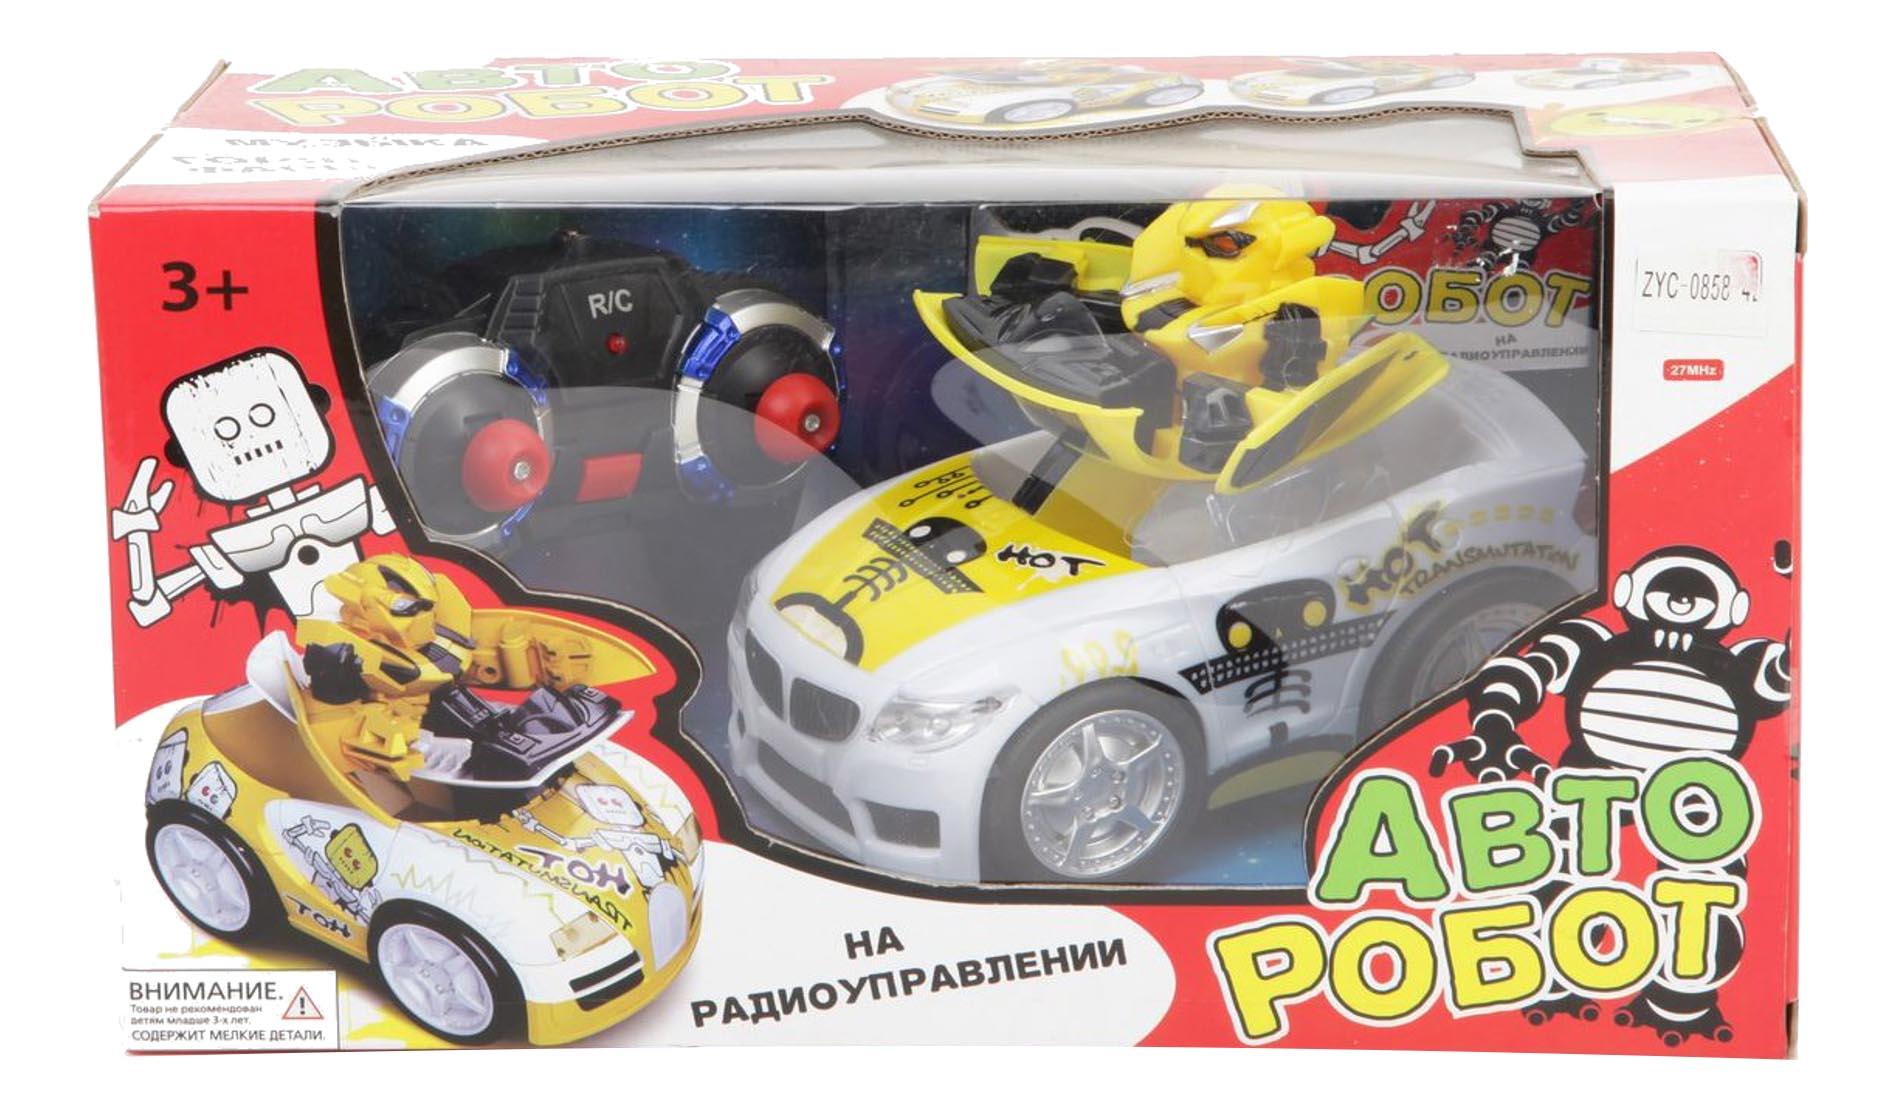 Радиоуправляемая машинка Zhorya Авто-робот фото